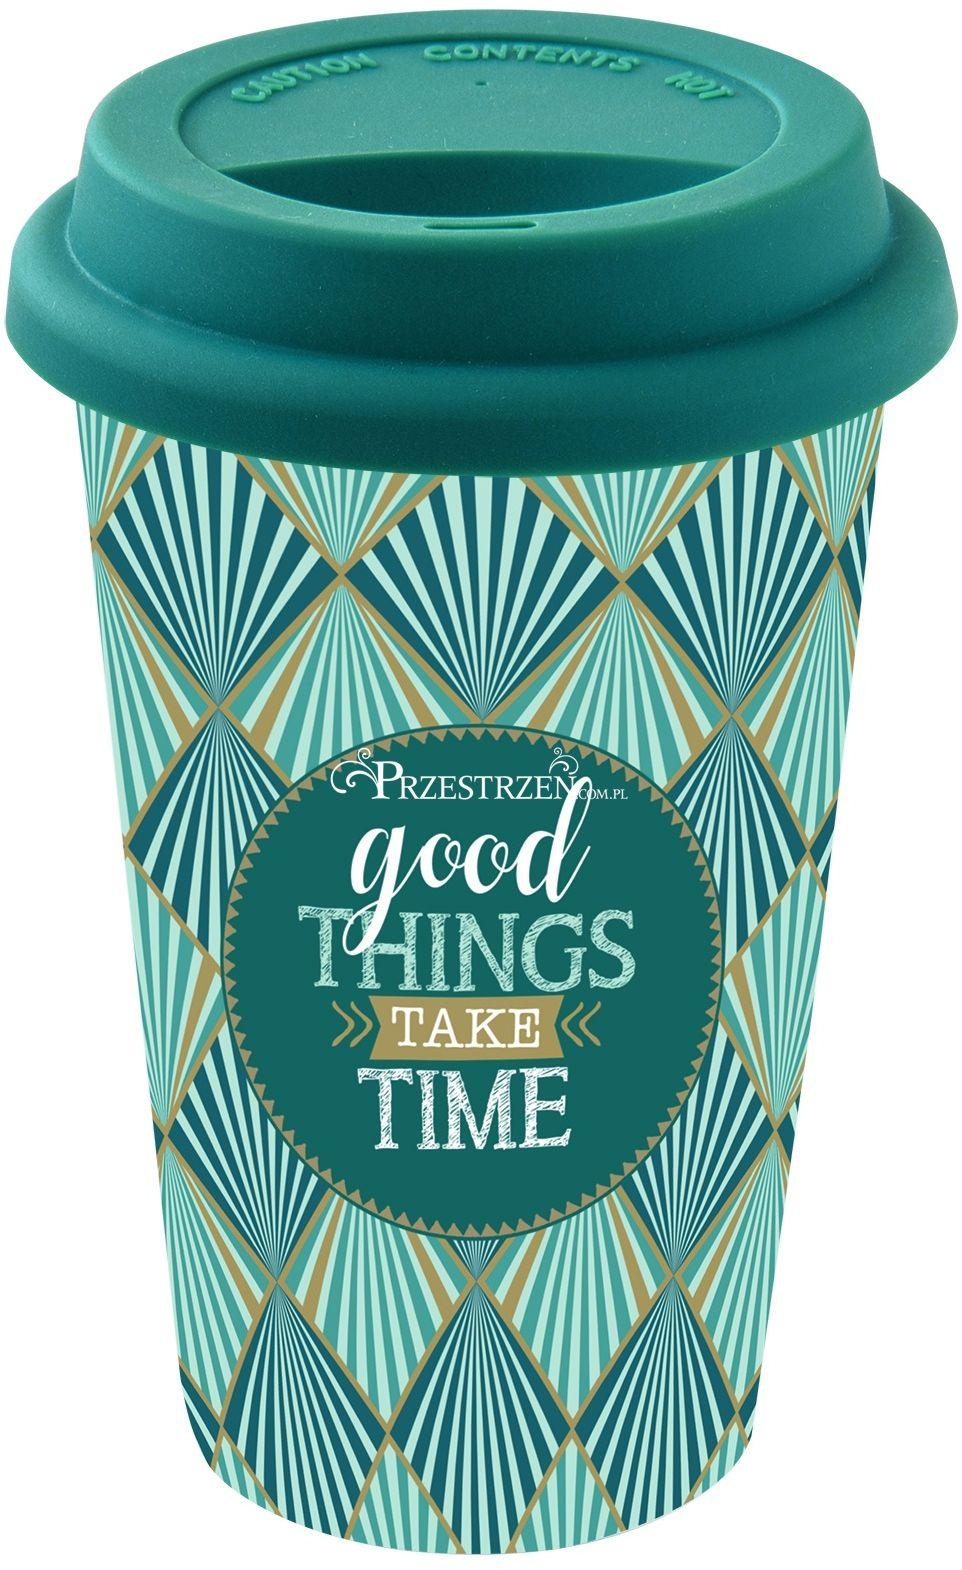 PORCELANOWY KUBEK PODRÓŻNY - Good Things Take Time - Z POKRYWKĄ 350 ml